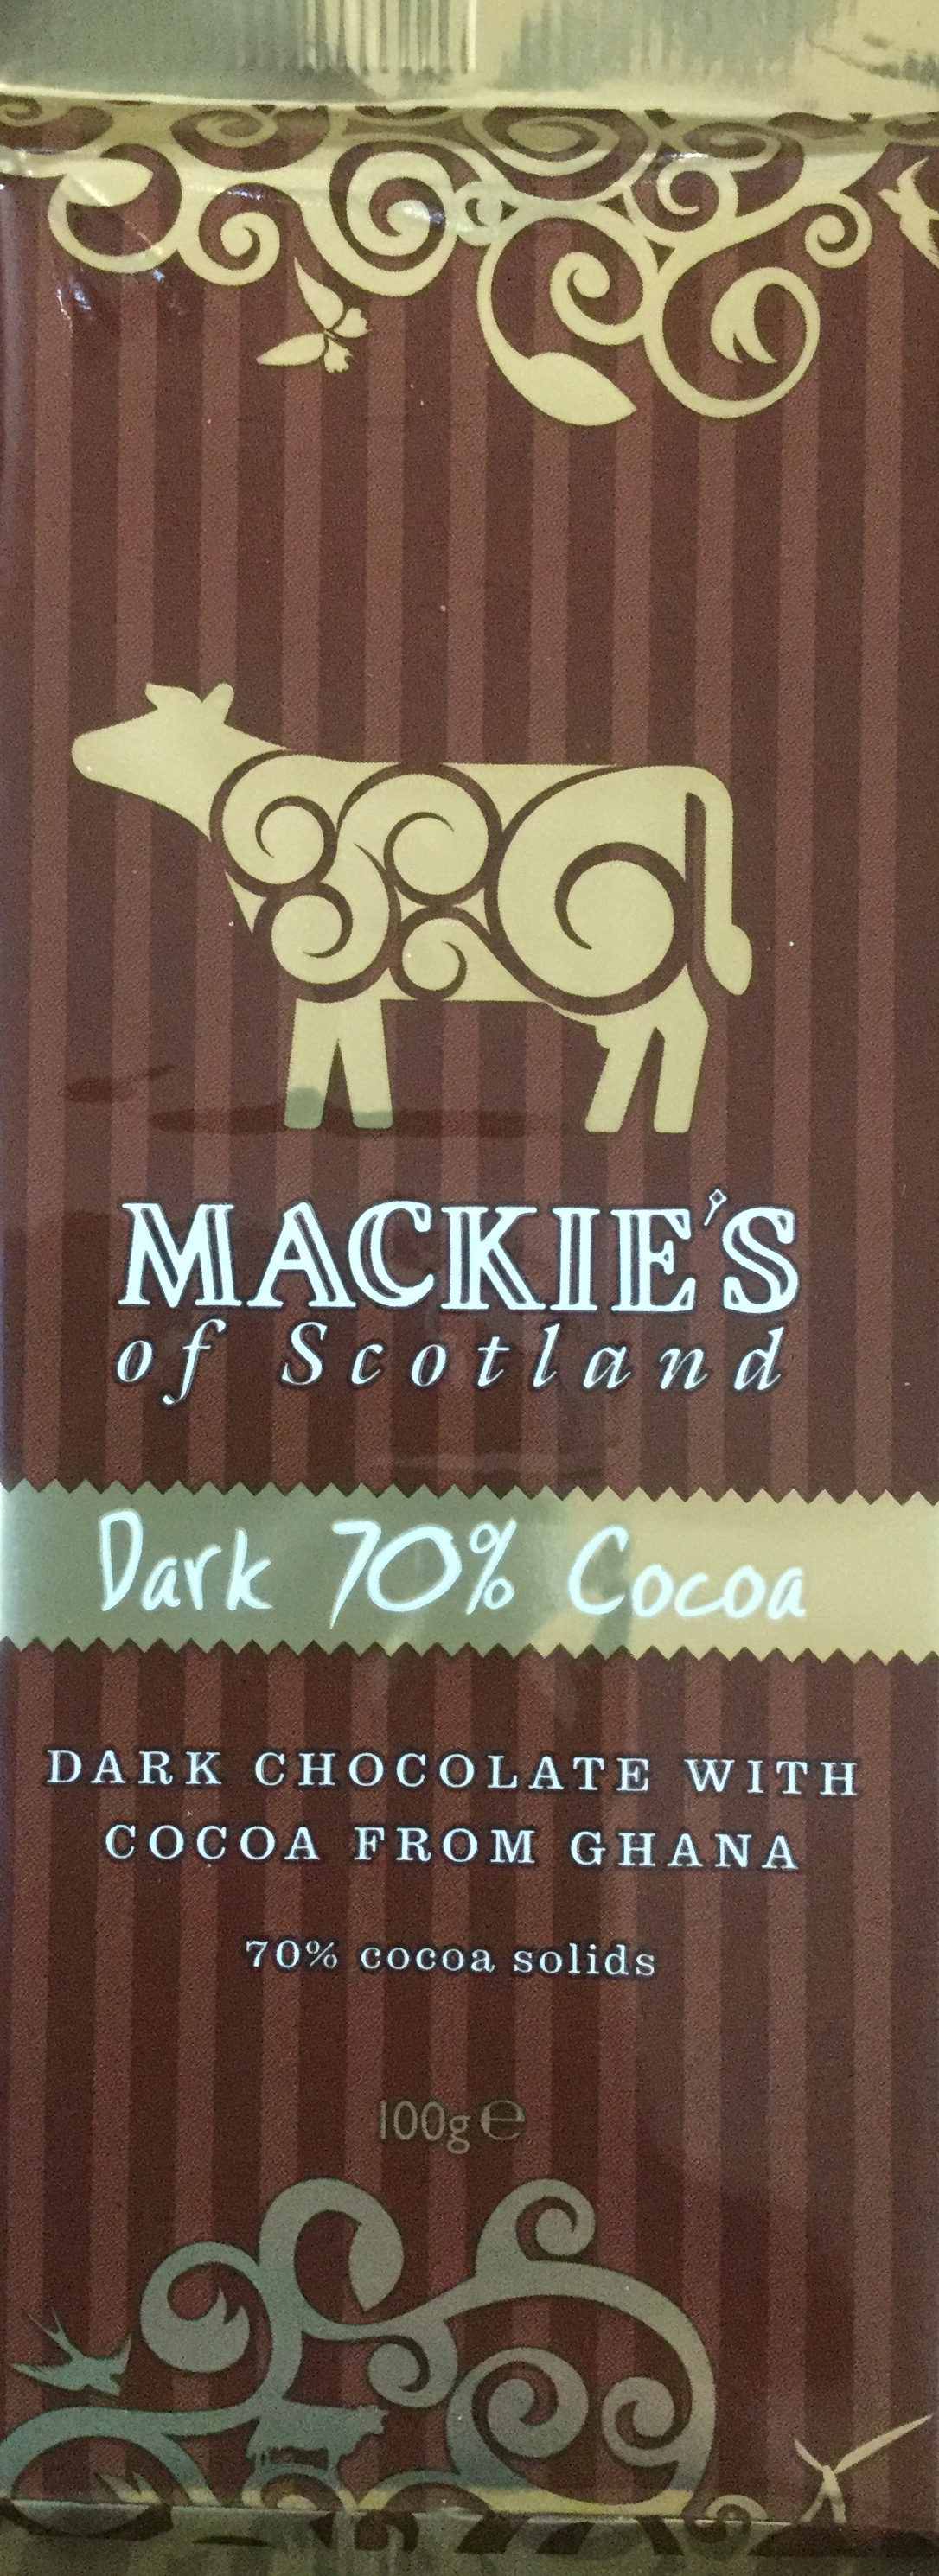 Dark 70% cocoa - Product - en